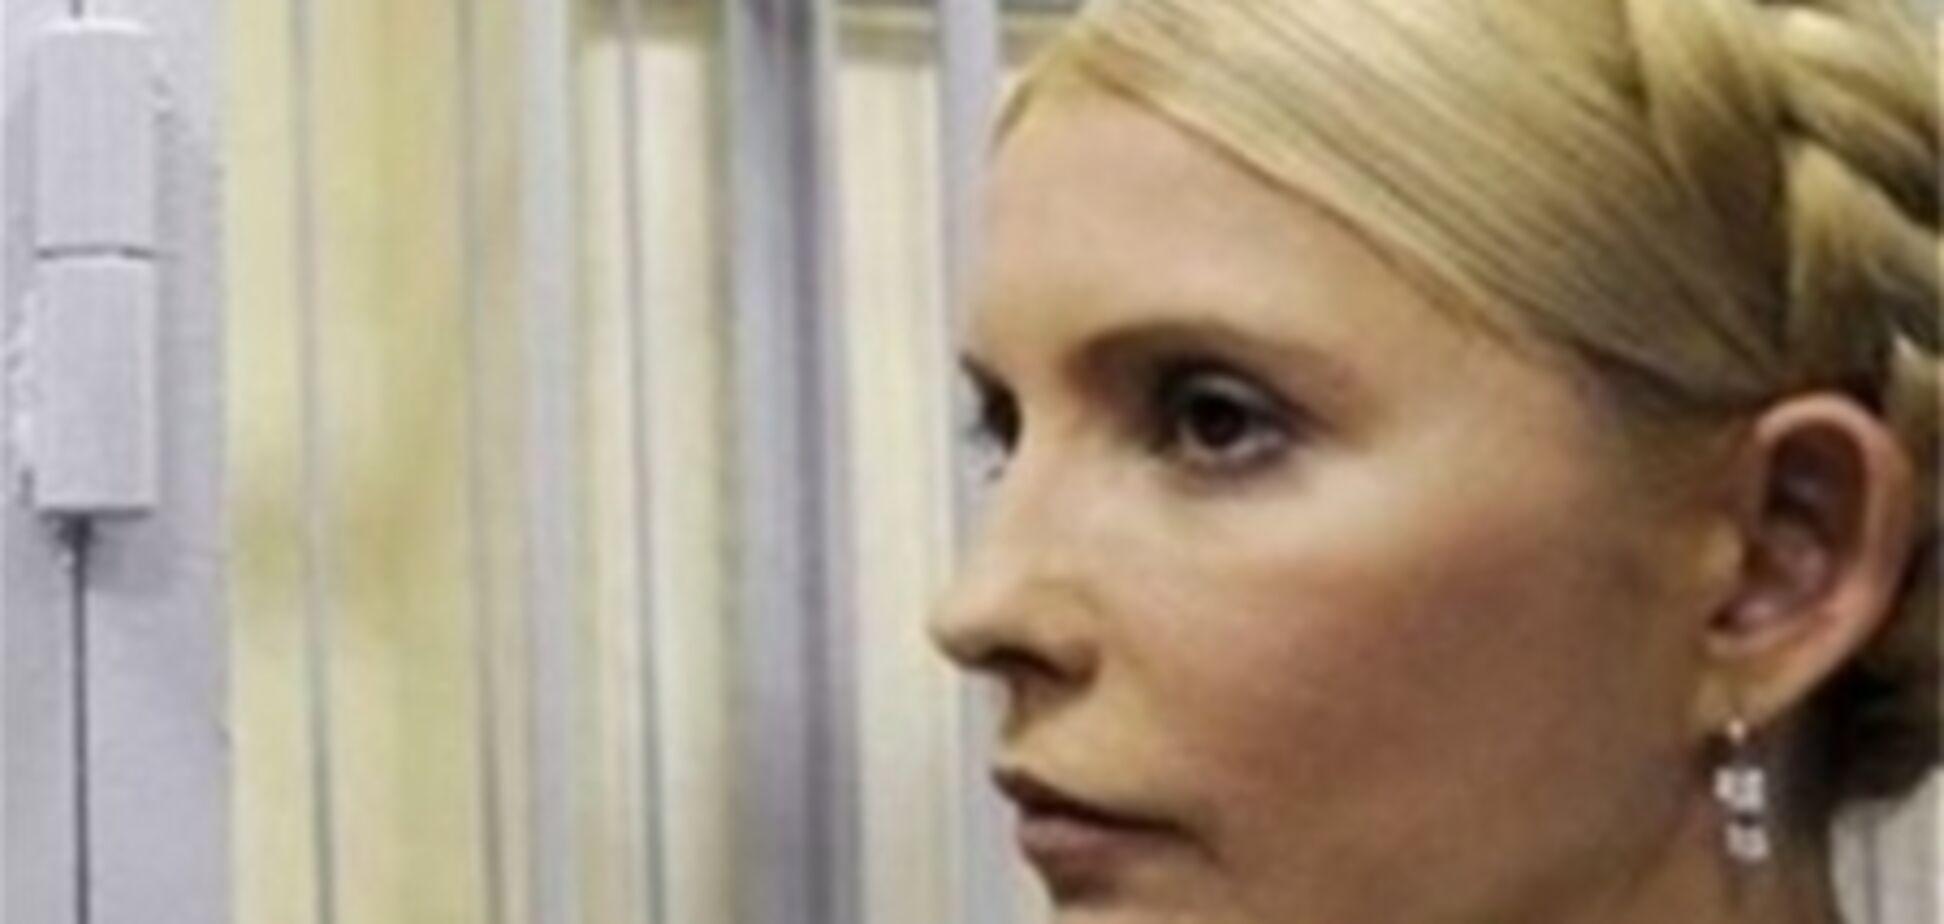 В Качановской колонии есть еще 150 женщин с такими же проблемами спины, как и у Тимошенко